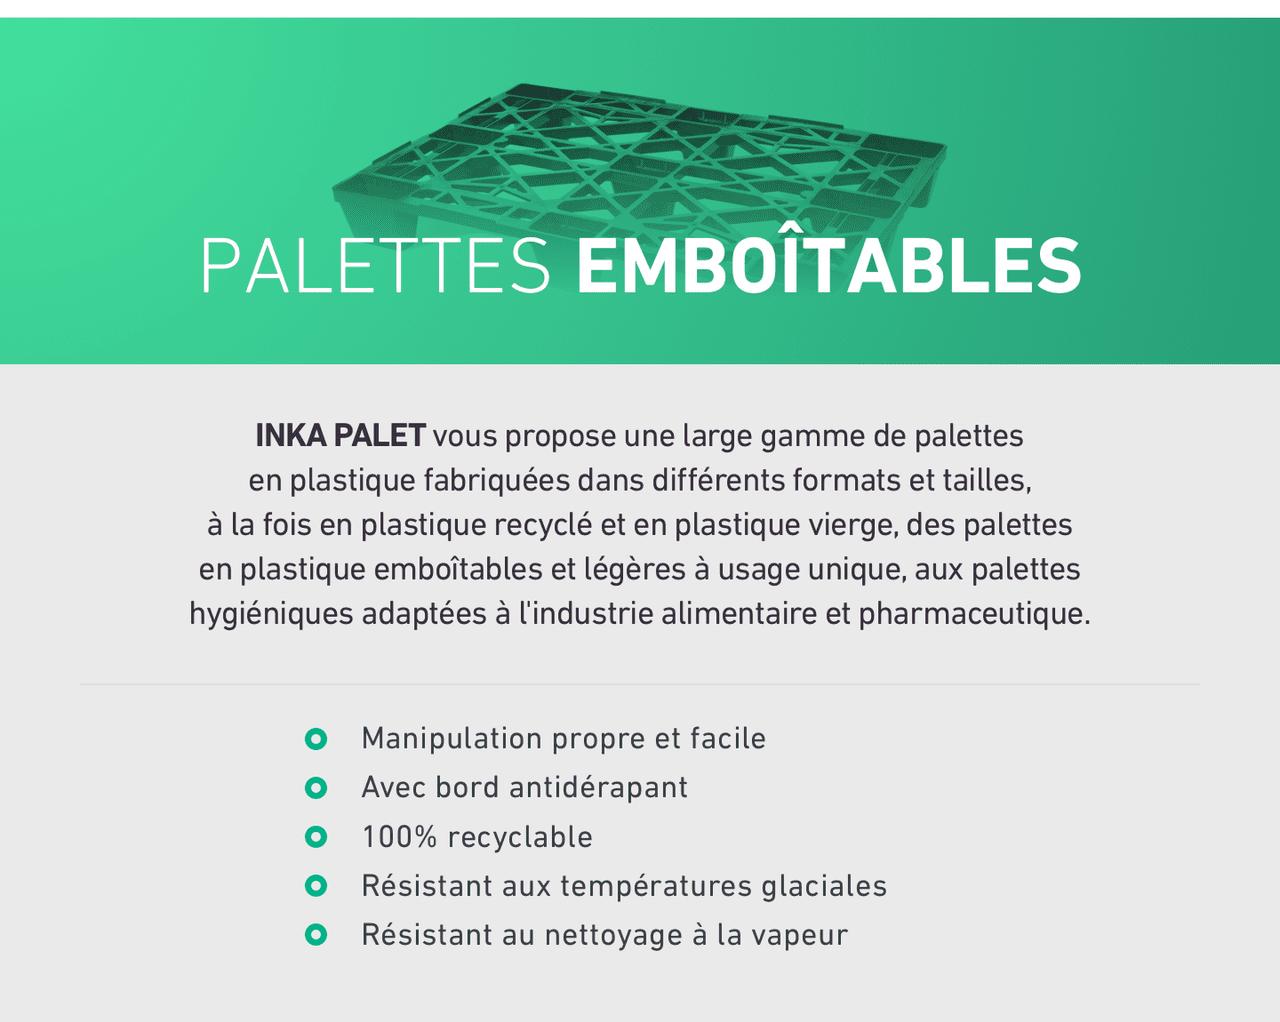 PALETTES EMBOITABLES. INKA PALET vous propose une large gamme de palettes en plastique fabriquées dans différents formats et tailles, à la fois en plastique recyclé et en plastique vierge, des palettes en plastique emboîtables et légères à usage unique, aux palettes hygiéniques adaptées à l'industrie alimentaire et pharmaceutique.